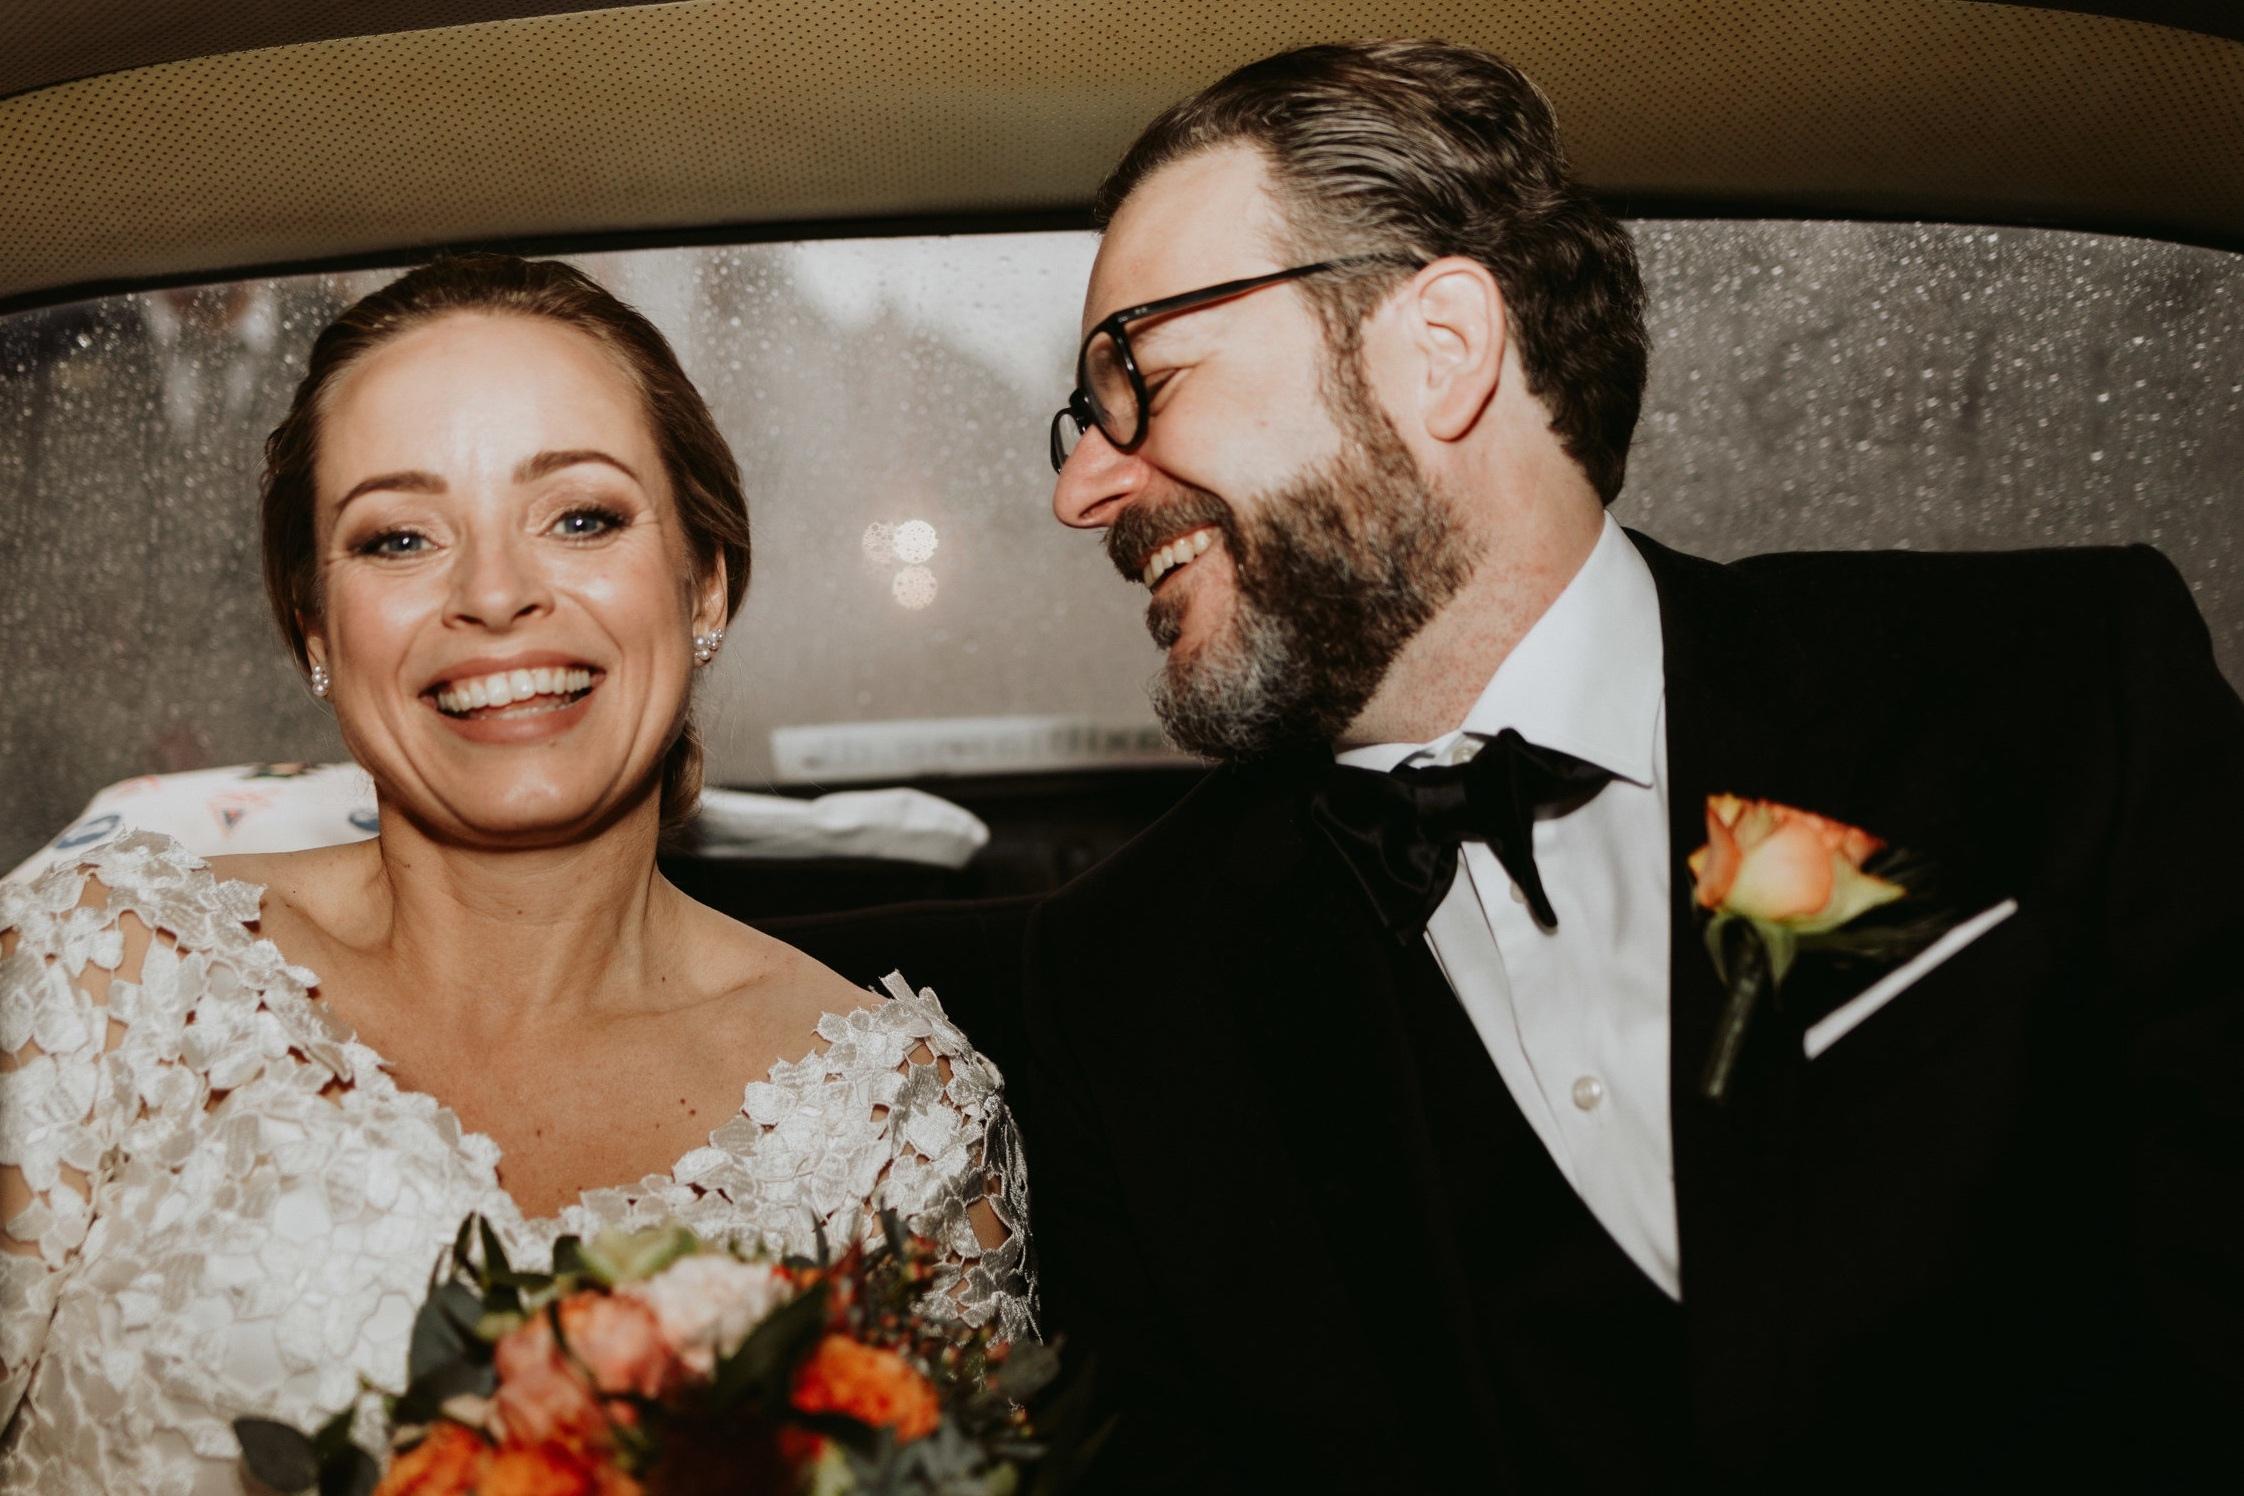 Marie og Karsten, 08.12.18 - Hvis I skal giftes, så skal I have fat i Brink Bryllup! Vi lover jer, at det bliver én af de bedste investeringer, I gør på dagen.Allerede under planlægningen, var Sofie en stor hjælp og fantastik sparring. Hun fangede med det samme, hvad vi ønskede os for dagen og kom med de helt rigtige anbefalinger til kok, blomsterbinder, service, DJ osv.På selve bryllupsdagen var det en fornøjelse at vide, at Sofie havde styr på alle detaljerne. Vi skulle ikke tænke på andet end at nyde dagen, aftenen og natten.Sofie er professionel, kreativ, detaljeorienteret og virkelig dygtig til dét, hun gør. Så selvfølgelig kommer Sofie med vores bedste anbefalinger.Marie & Karsten